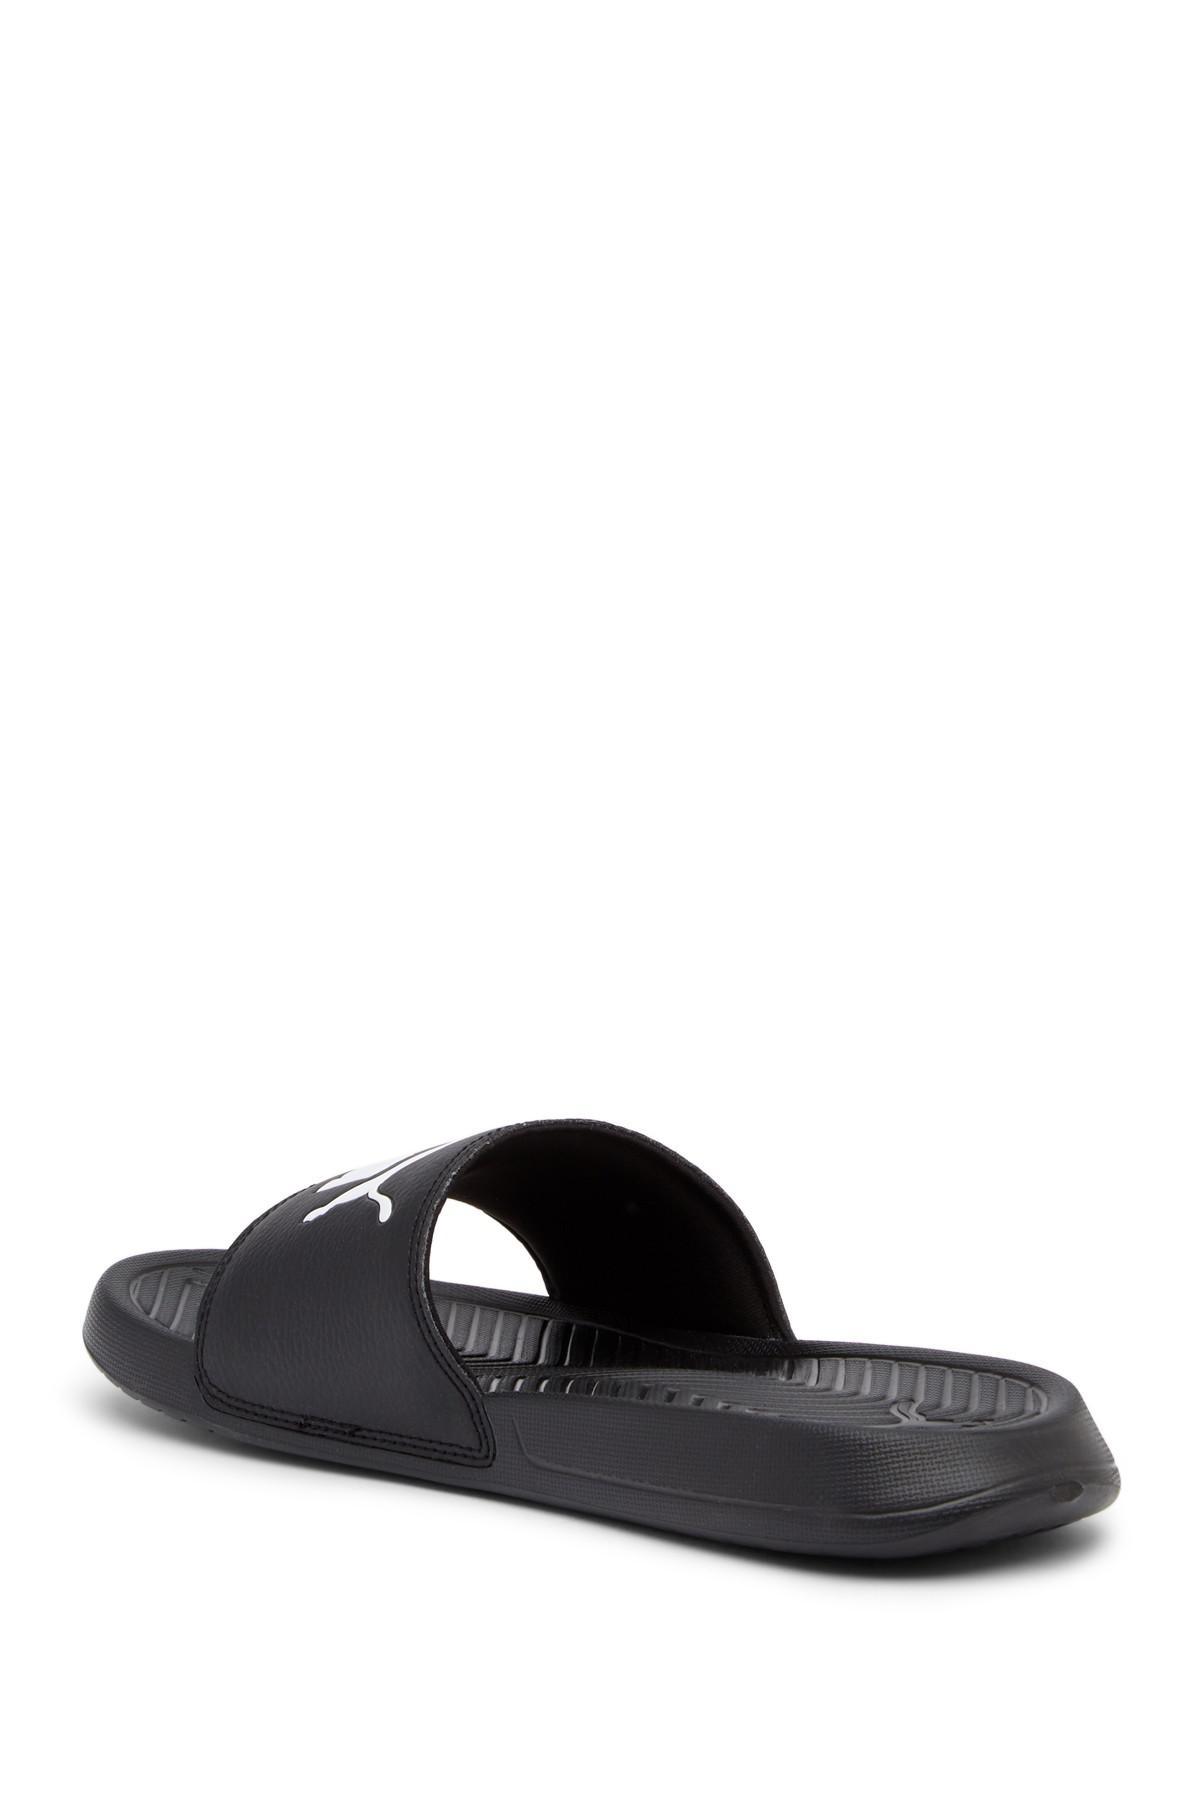 816ed4c508c Lyst - PUMA Popcat Sliders In Black 36026510 in Black for Men - Save 59%